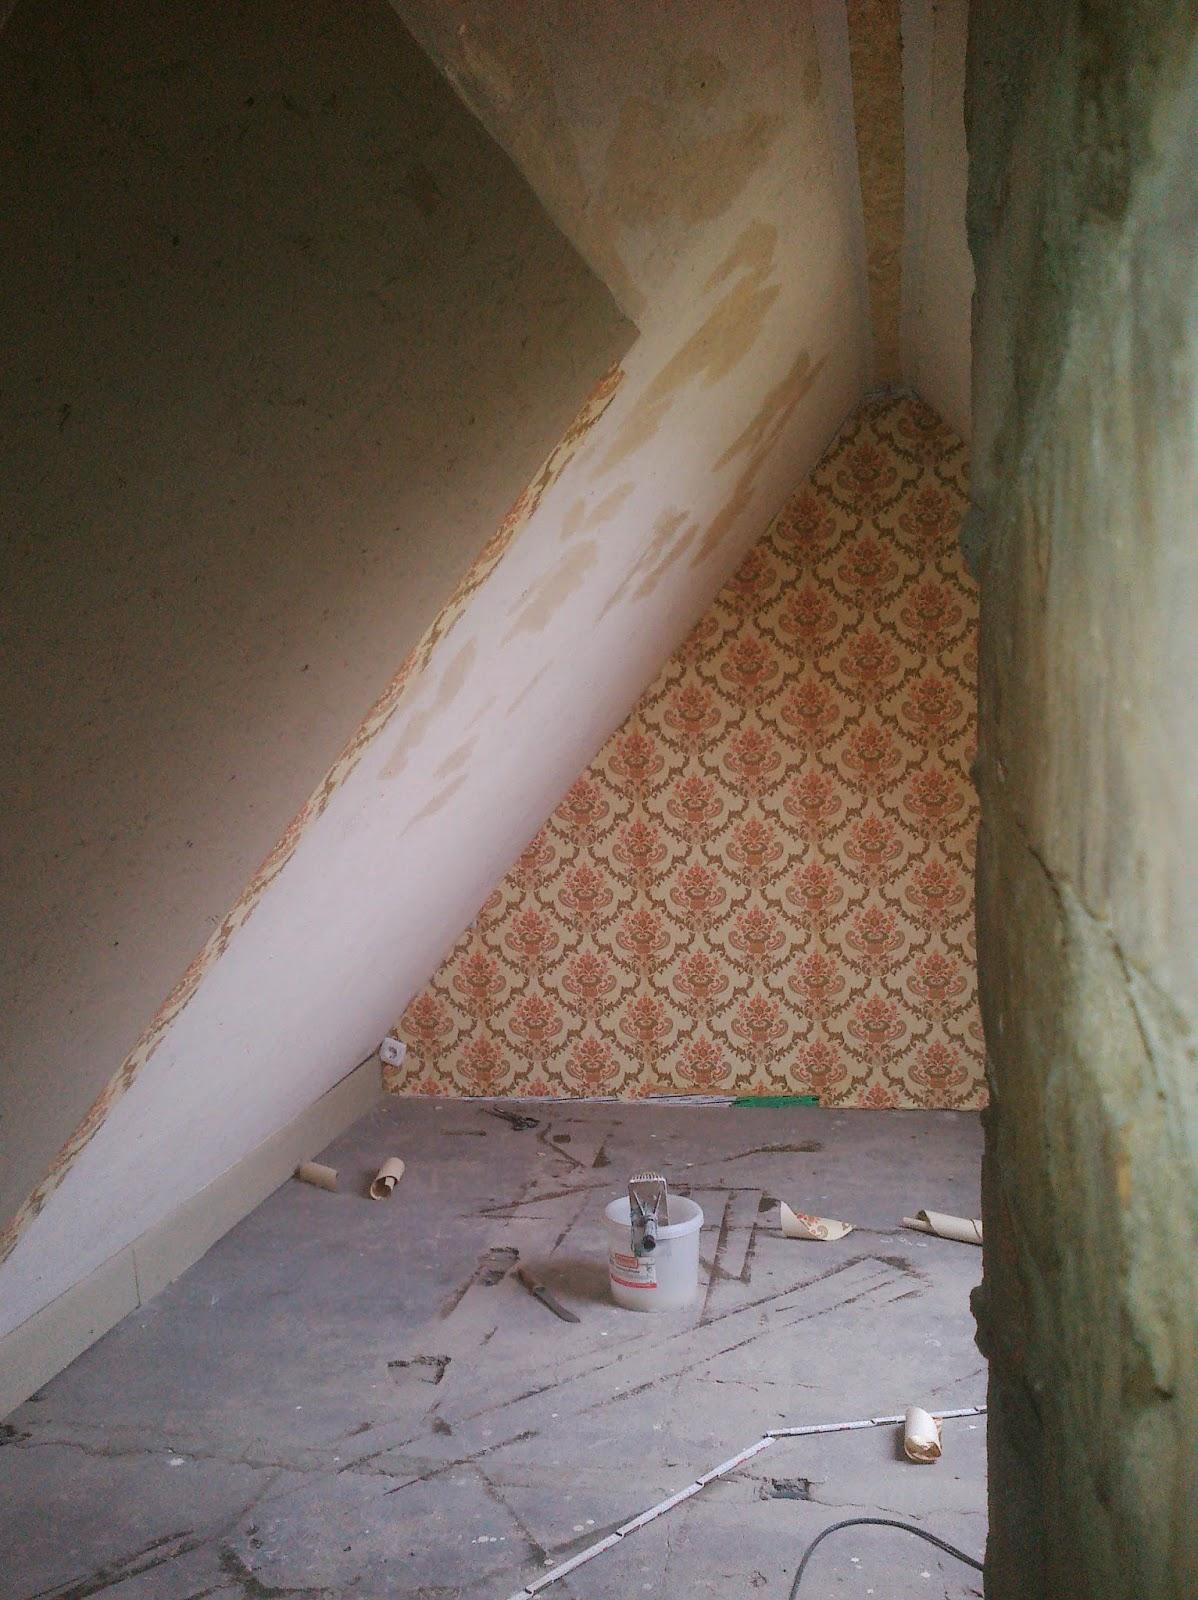 osb platten tapezieren osb platten tapezieren osb platten streichen oder tapezieren hinweise. Black Bedroom Furniture Sets. Home Design Ideas